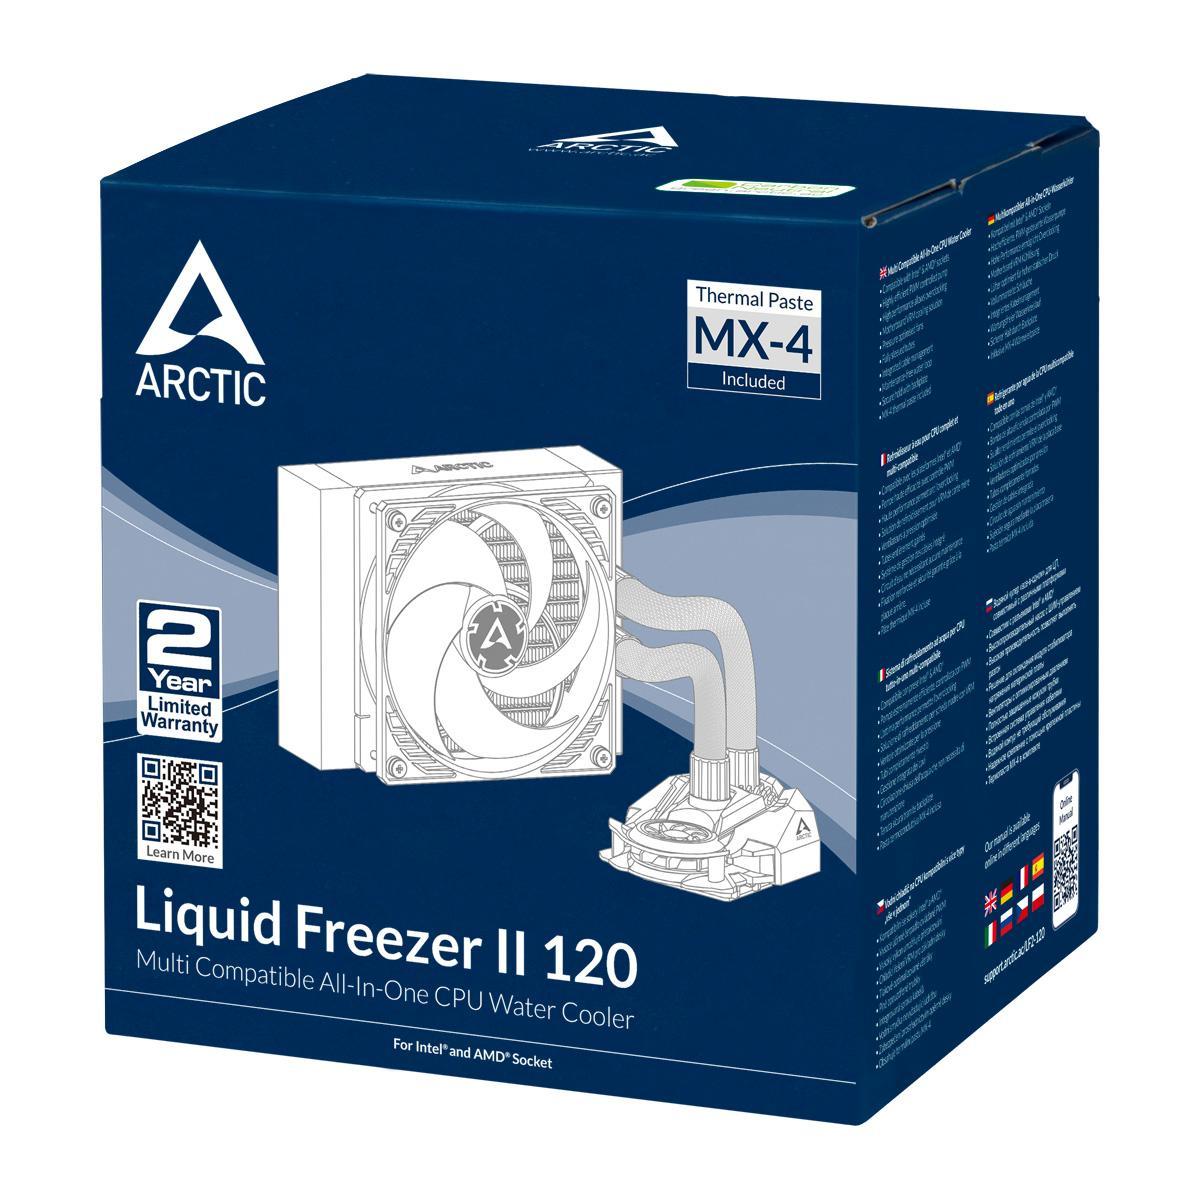 ARCTIC Liquid Freezer II 120 56.3 CFM Liquid CPU Cooler